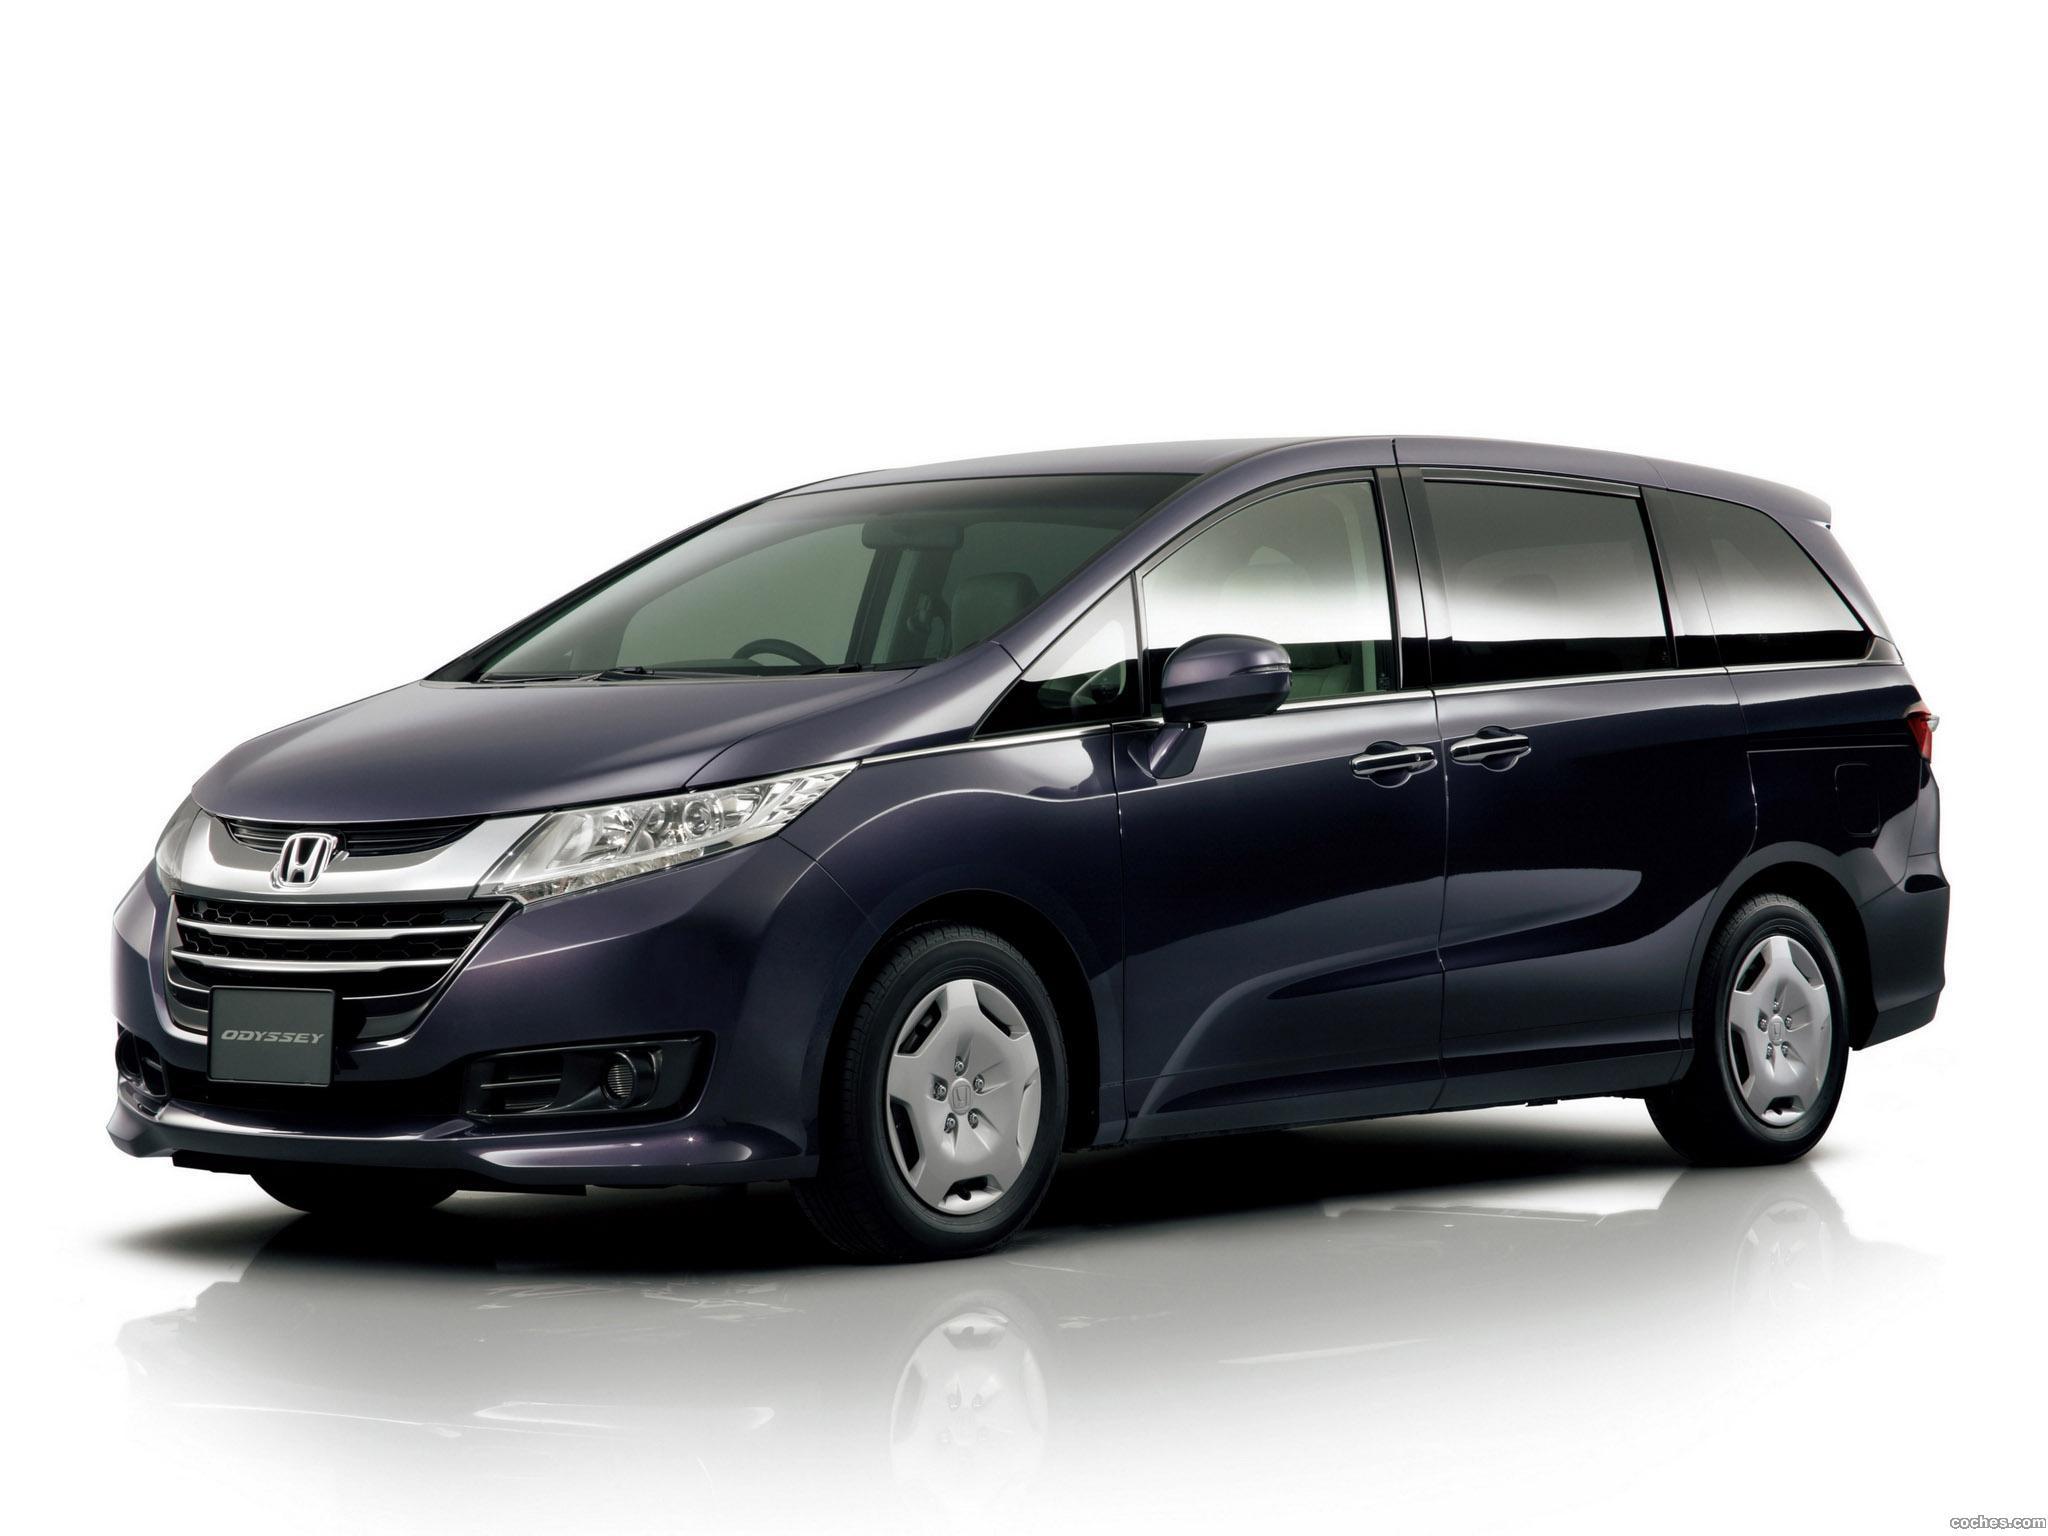 Foto 1 de Honda Odyssey 2013